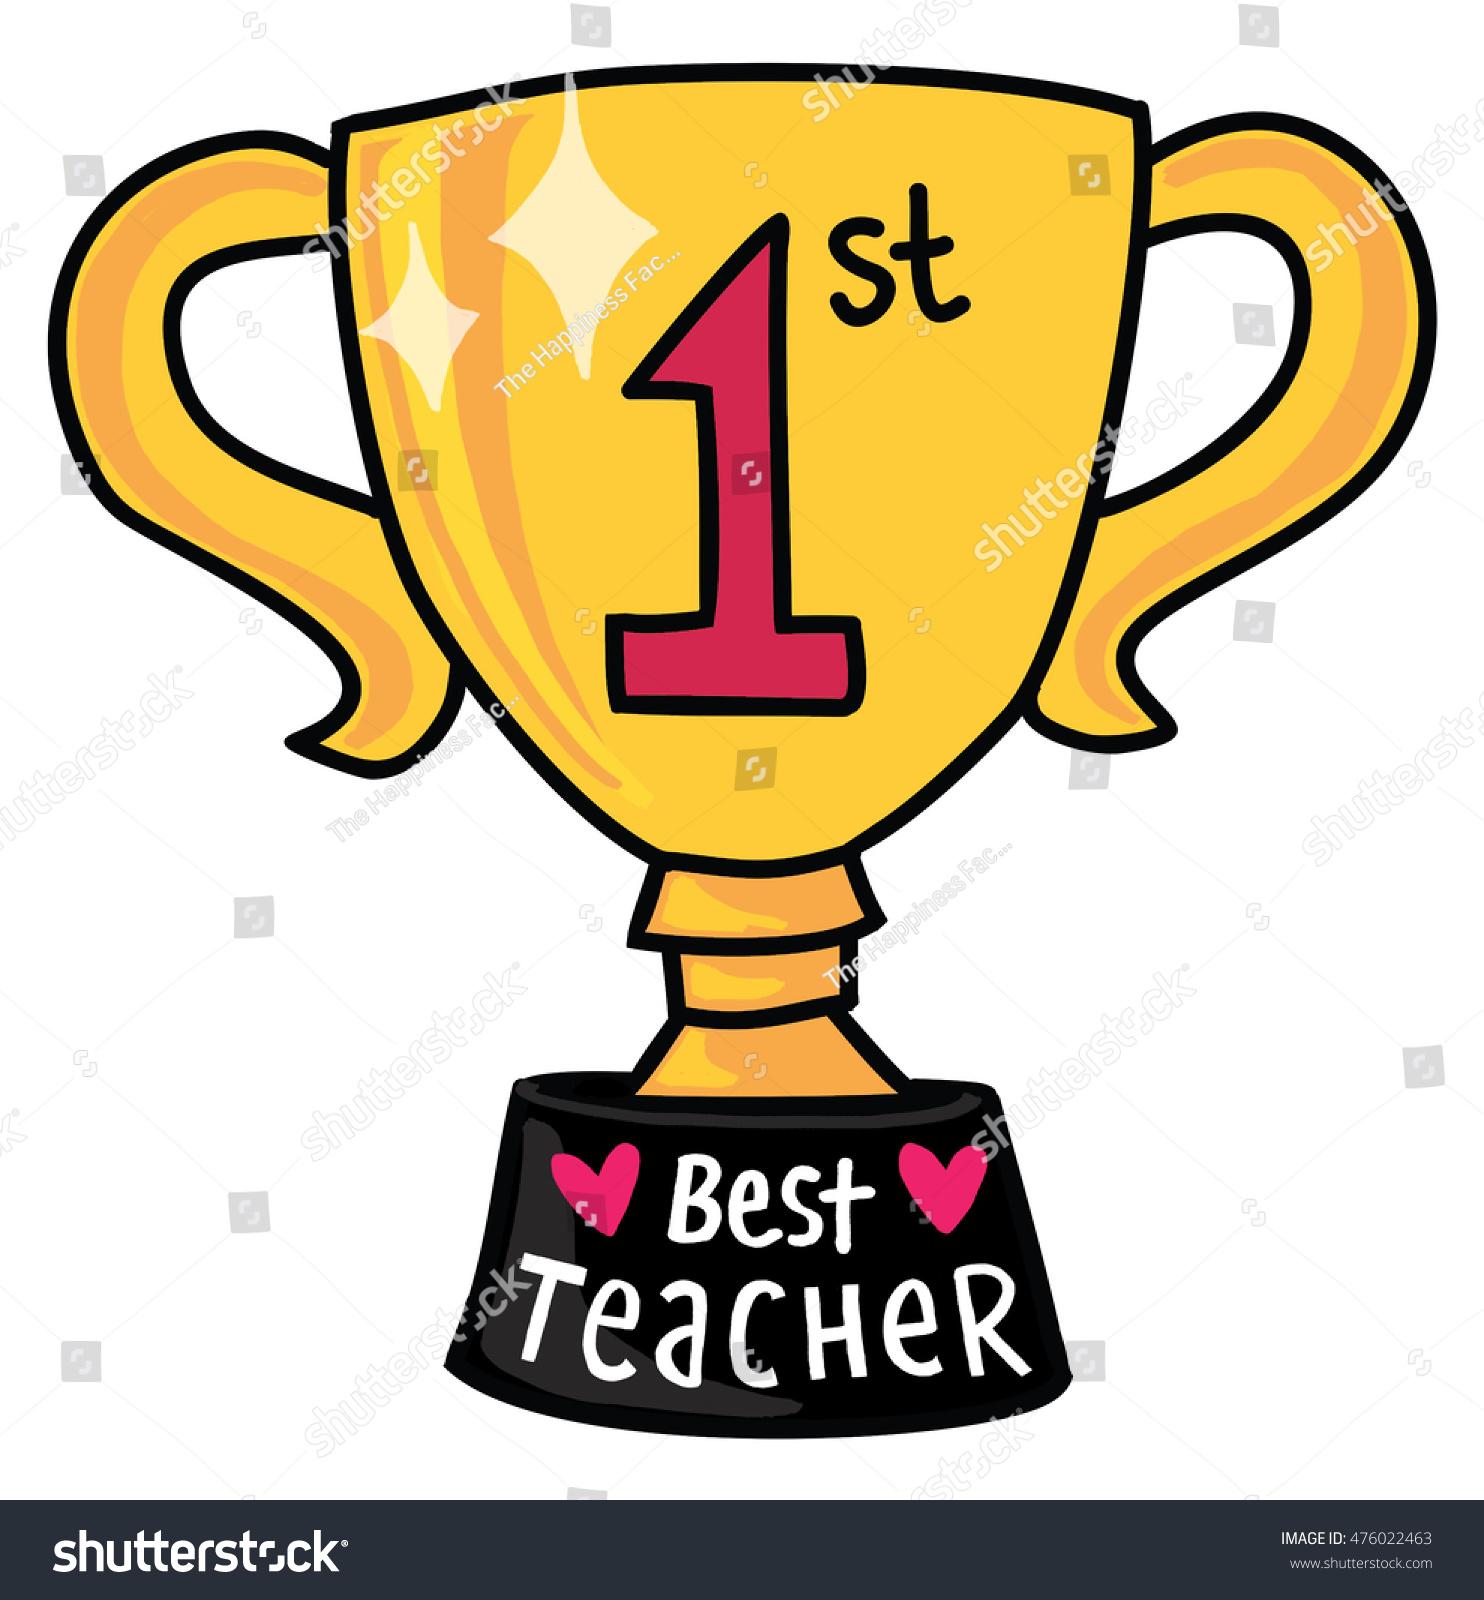 Best incep imagine ex. Awards clipart teacher